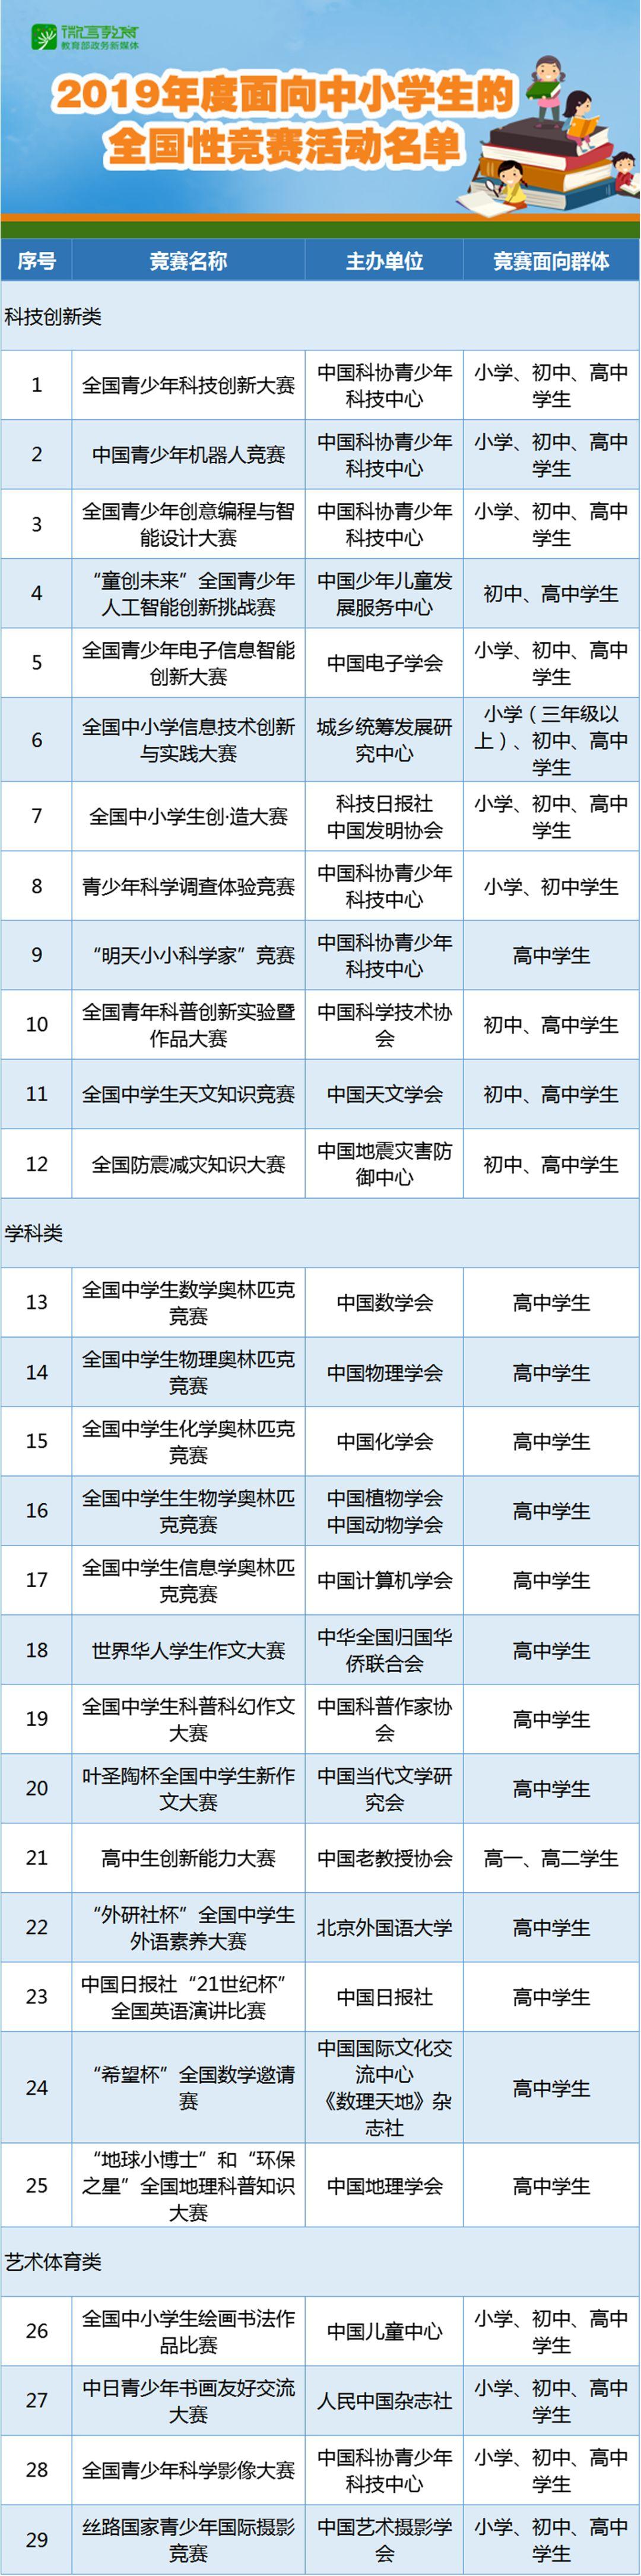 高一高二必读!2019年面向中小学生的全国性竞赛活动名单